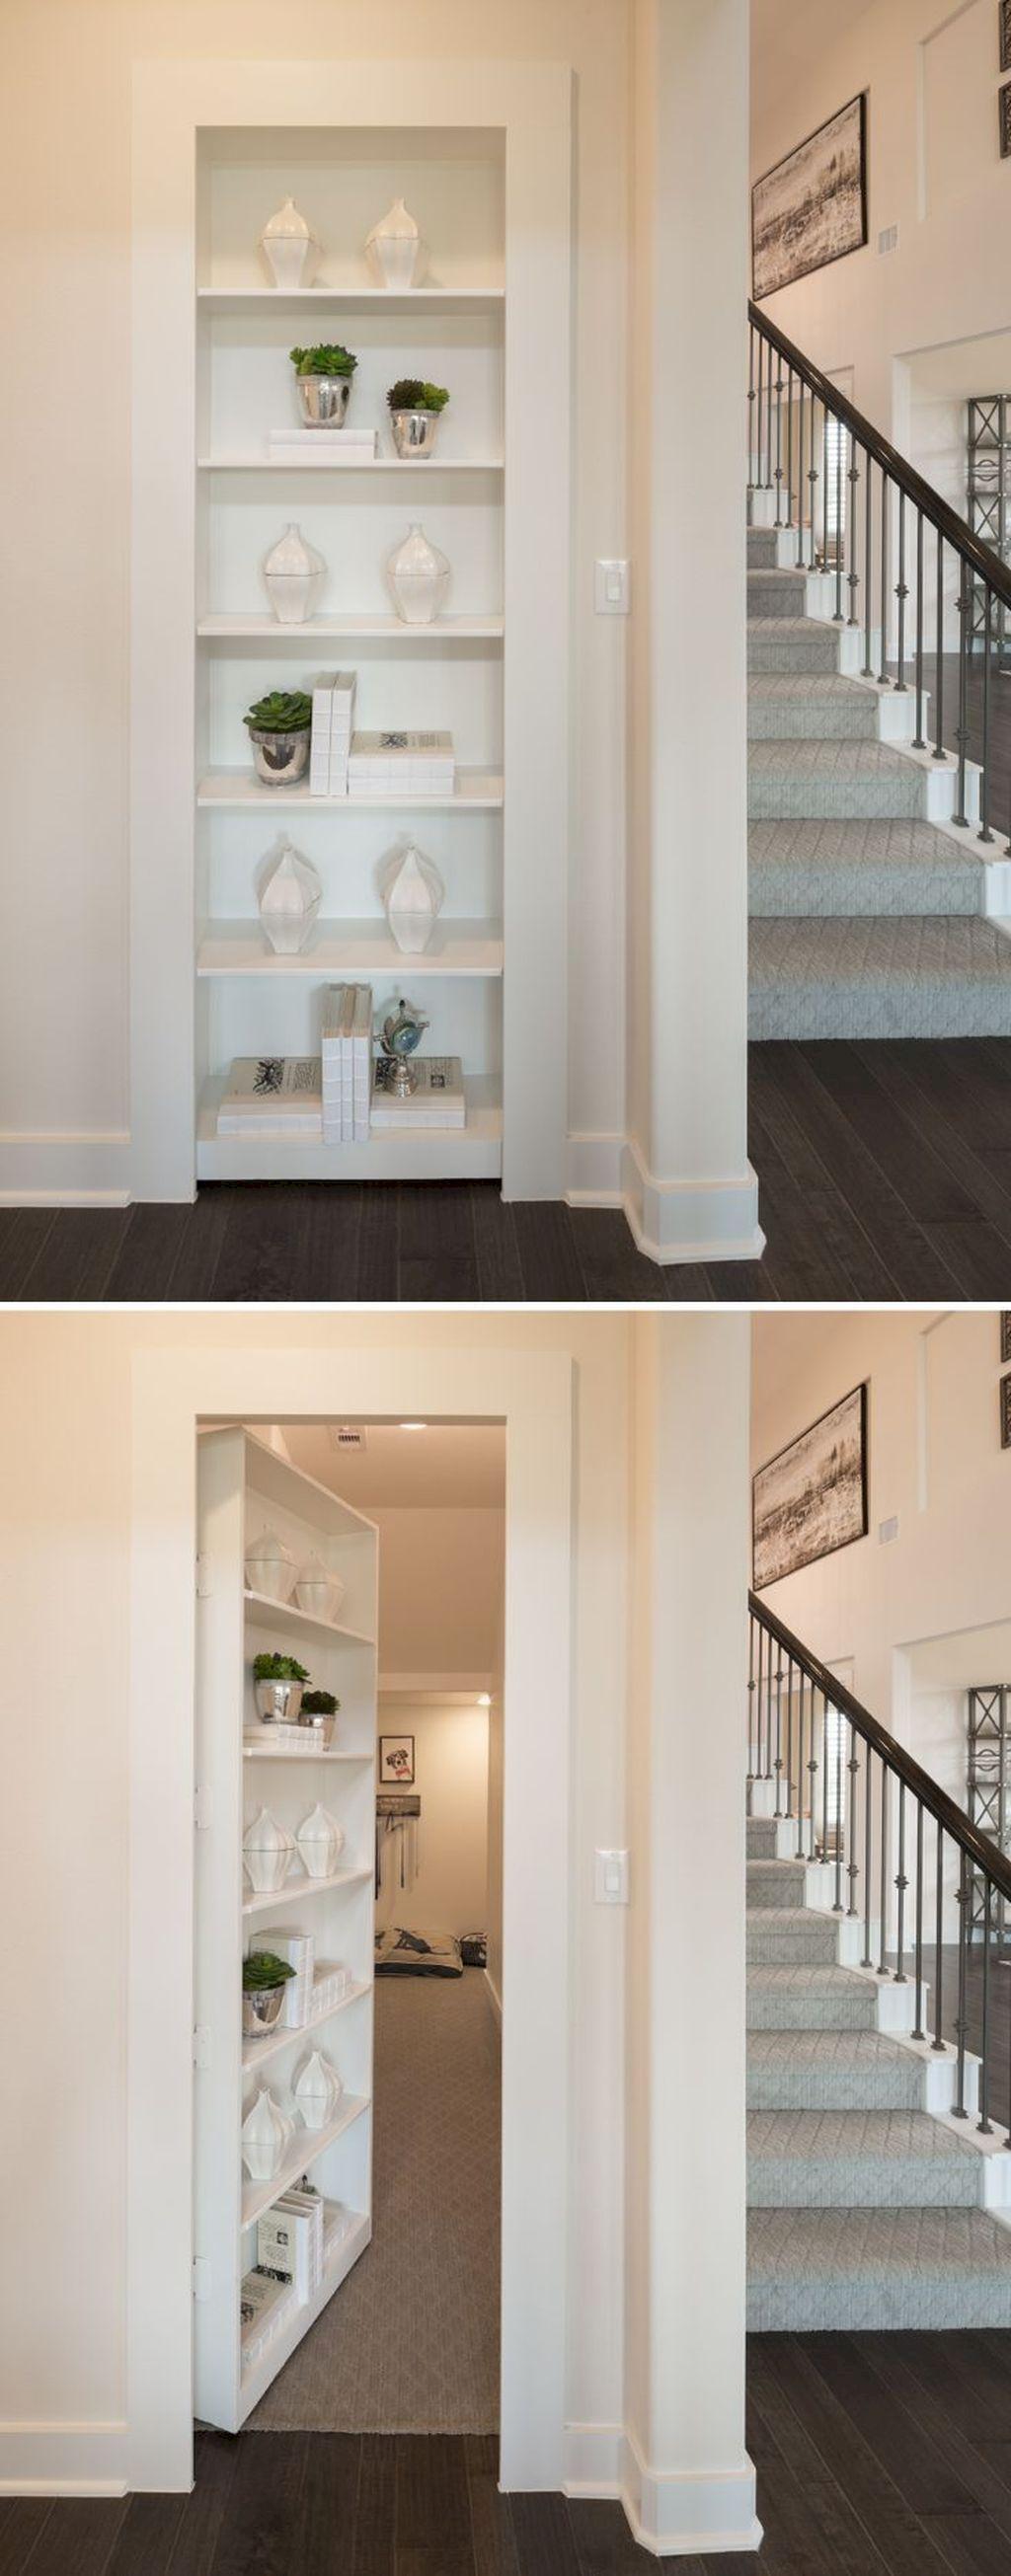 Best Hidden Room Your Home in 2020 | Diy closet storage ...